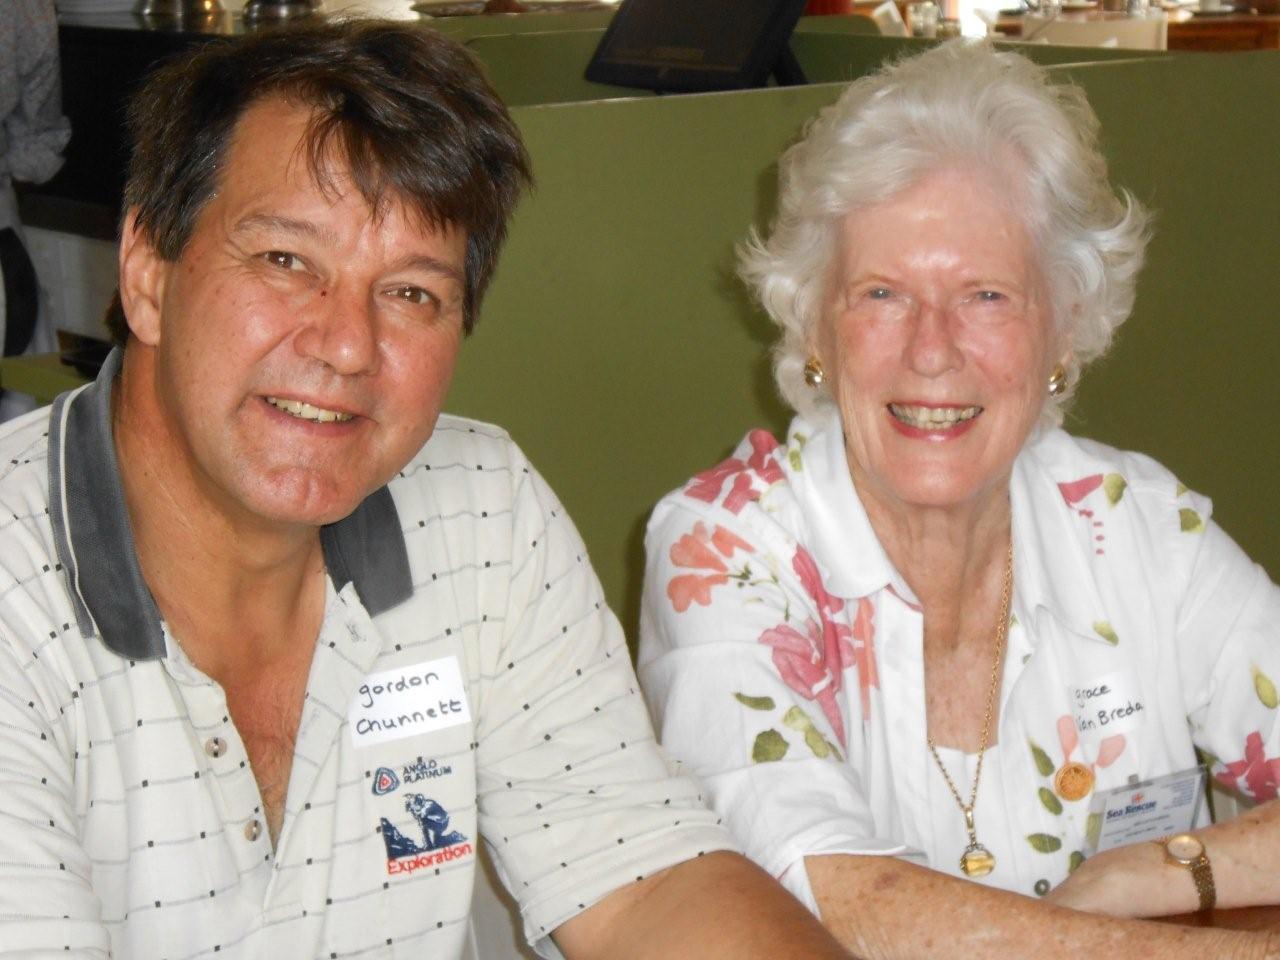 Gordon Chunnett and Grace van Breda